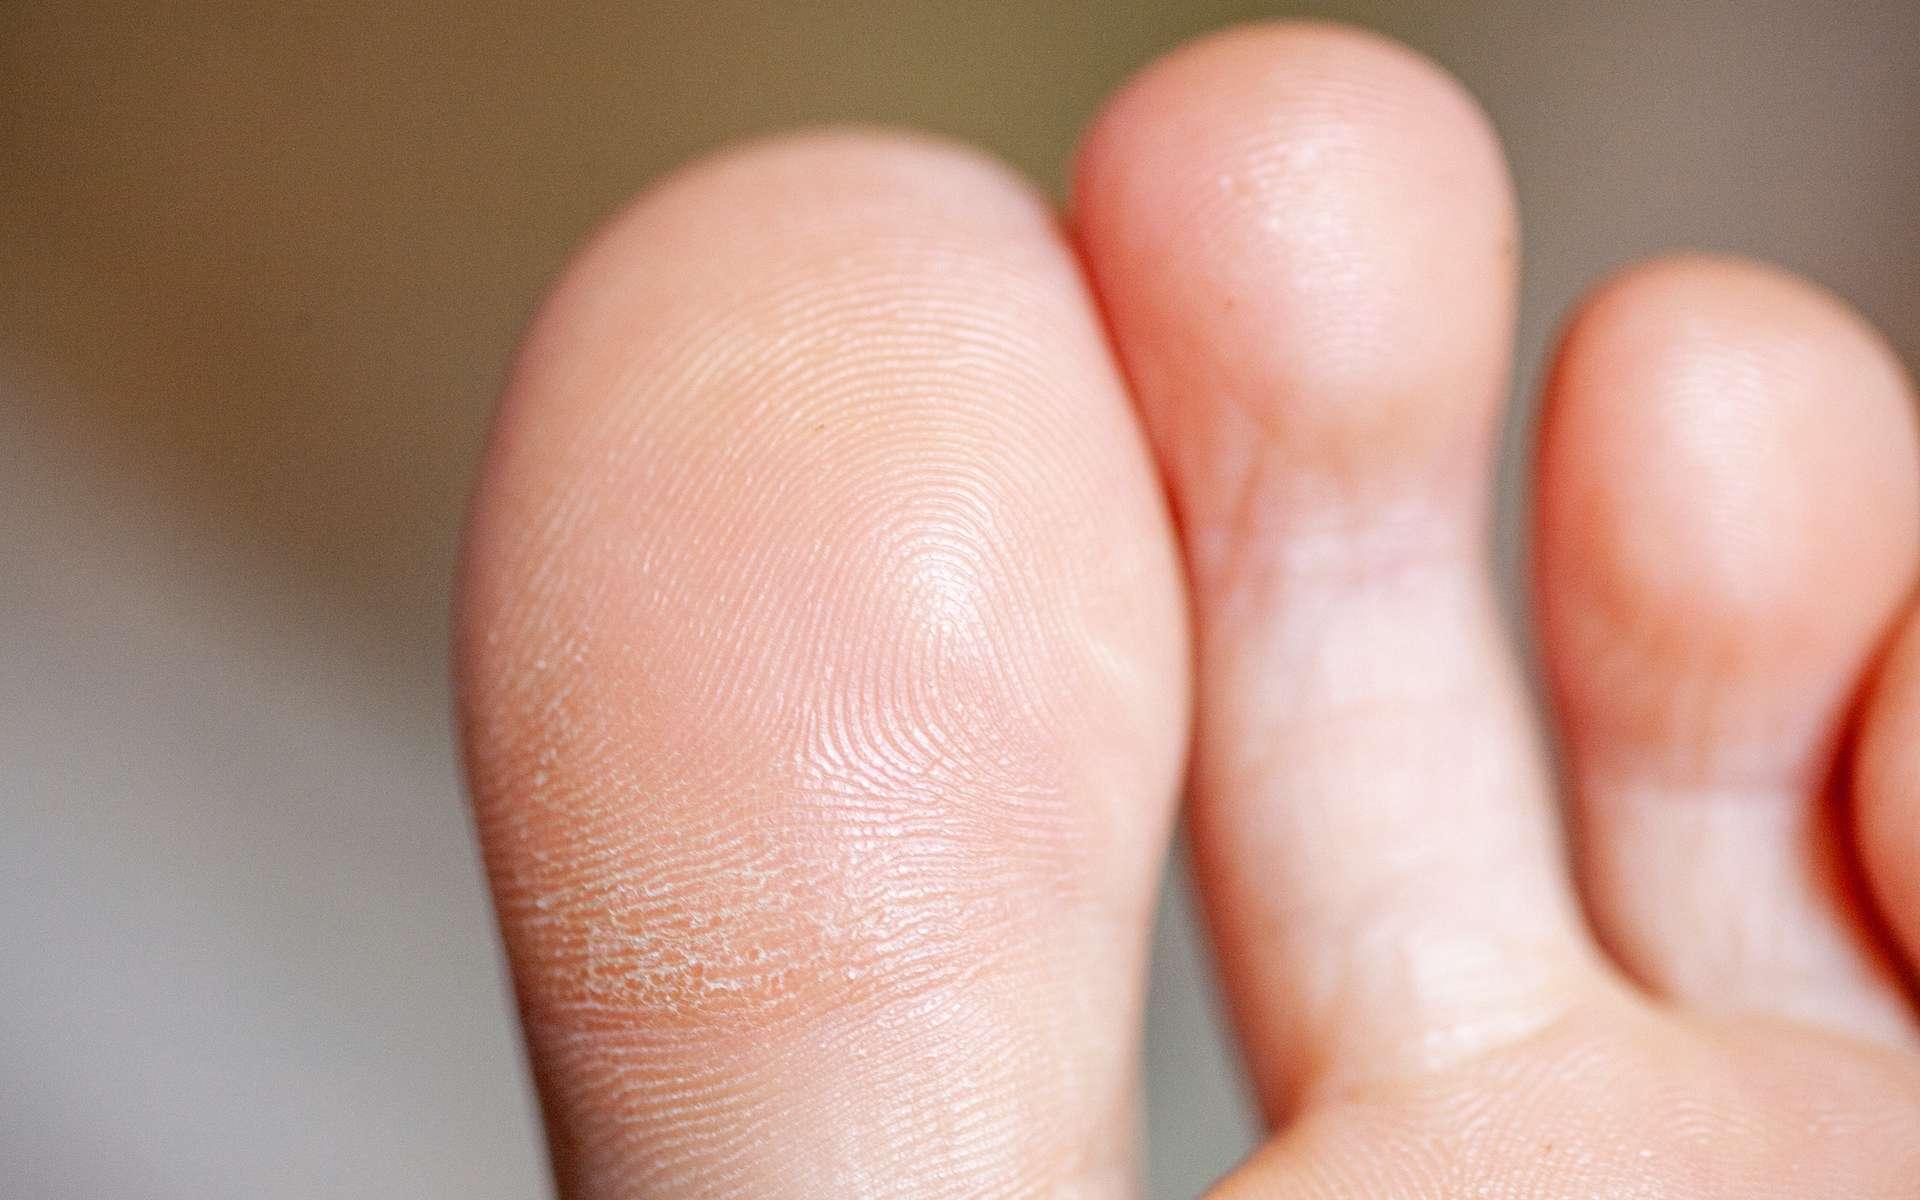 Comme les empreintes digitales de la main, celles des pieds sont uniques. © mironovm, Adobe Stock